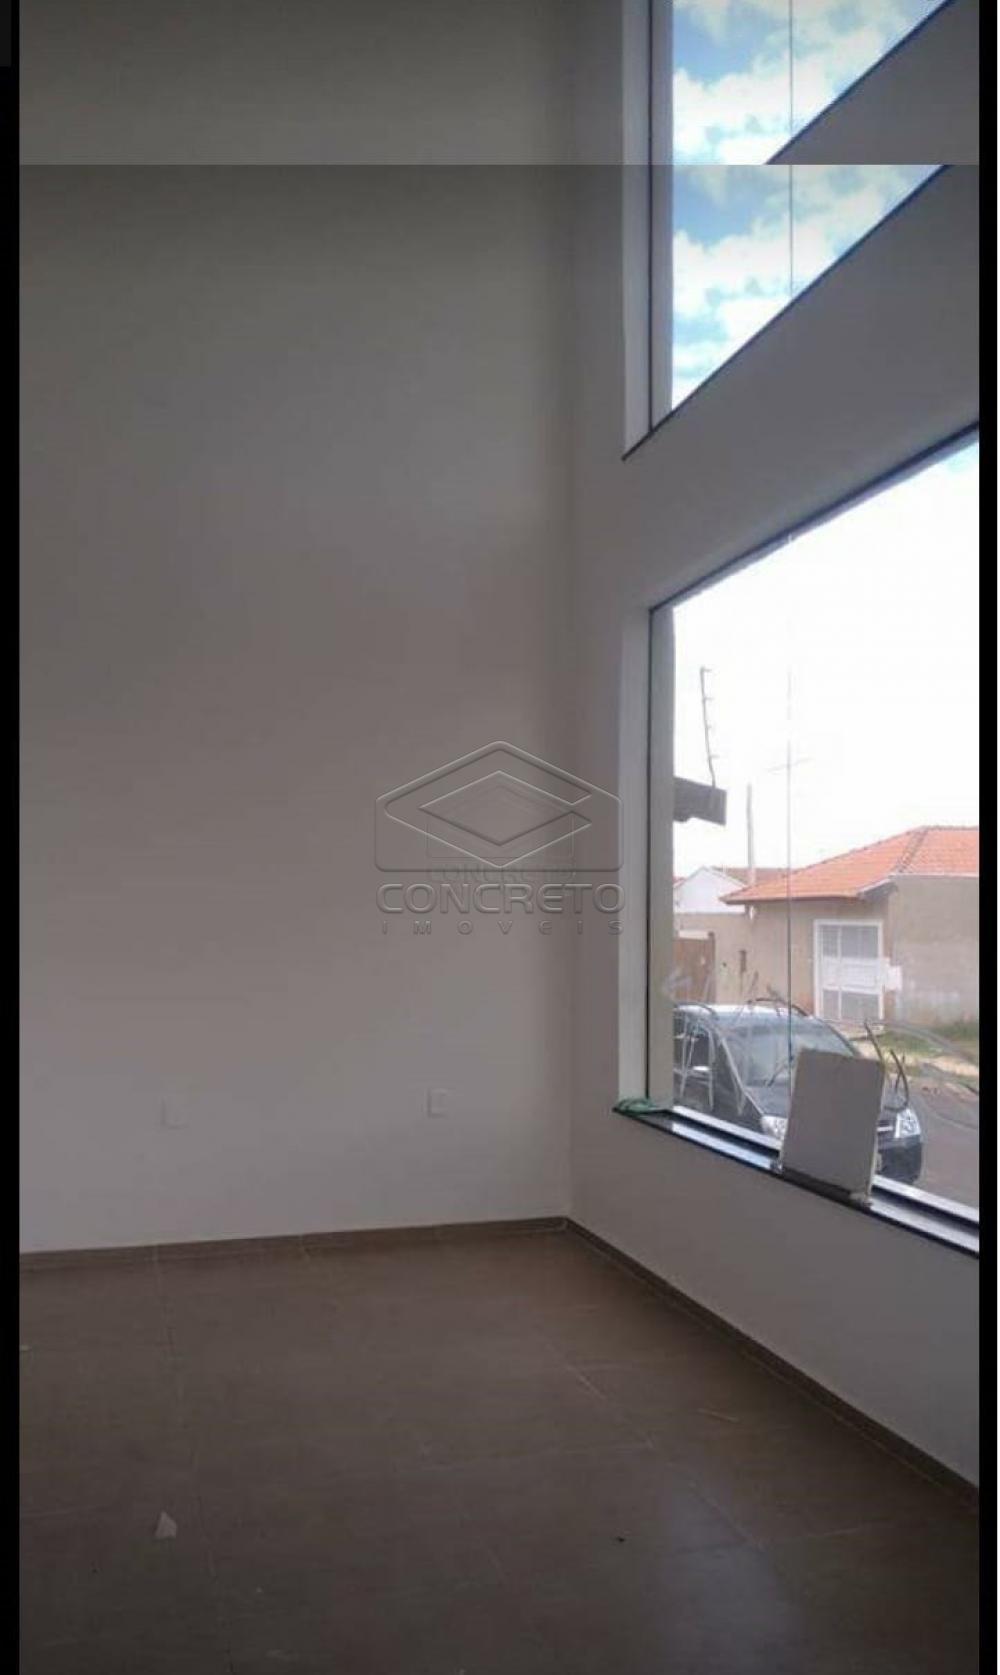 Alugar Comercial / Salão em Bauru R$ 700,00 - Foto 5